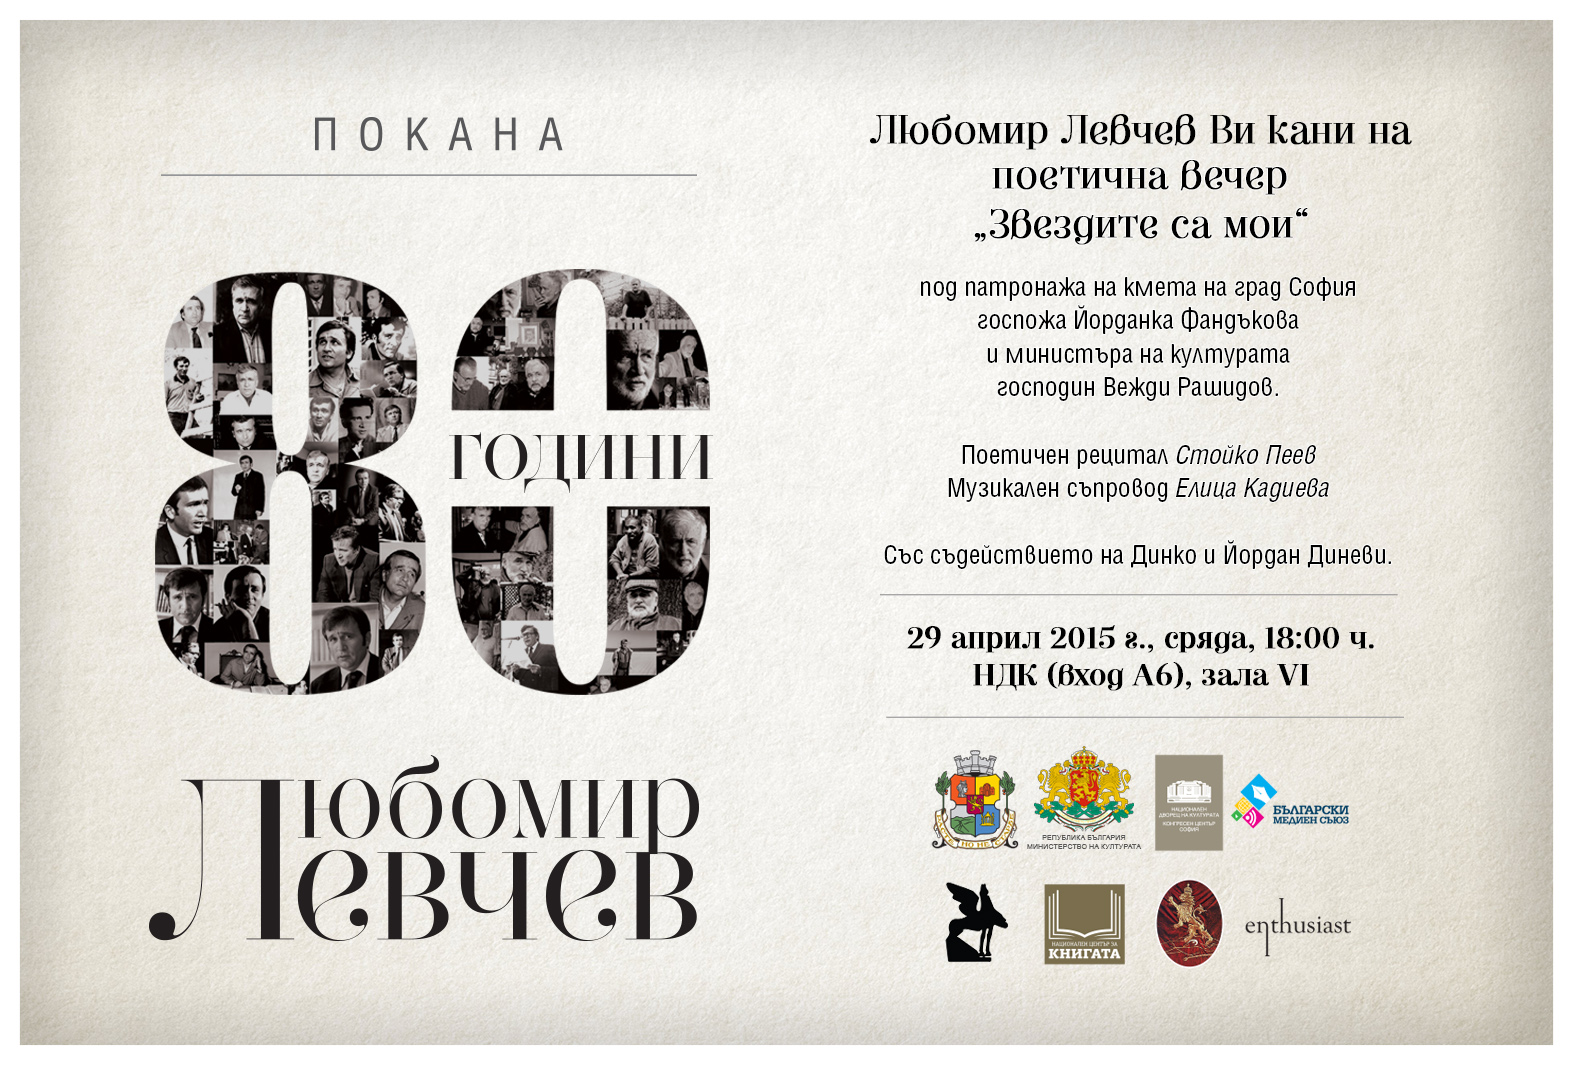 Поетична вечер по случай 80-годишнината на Любомир Левчев